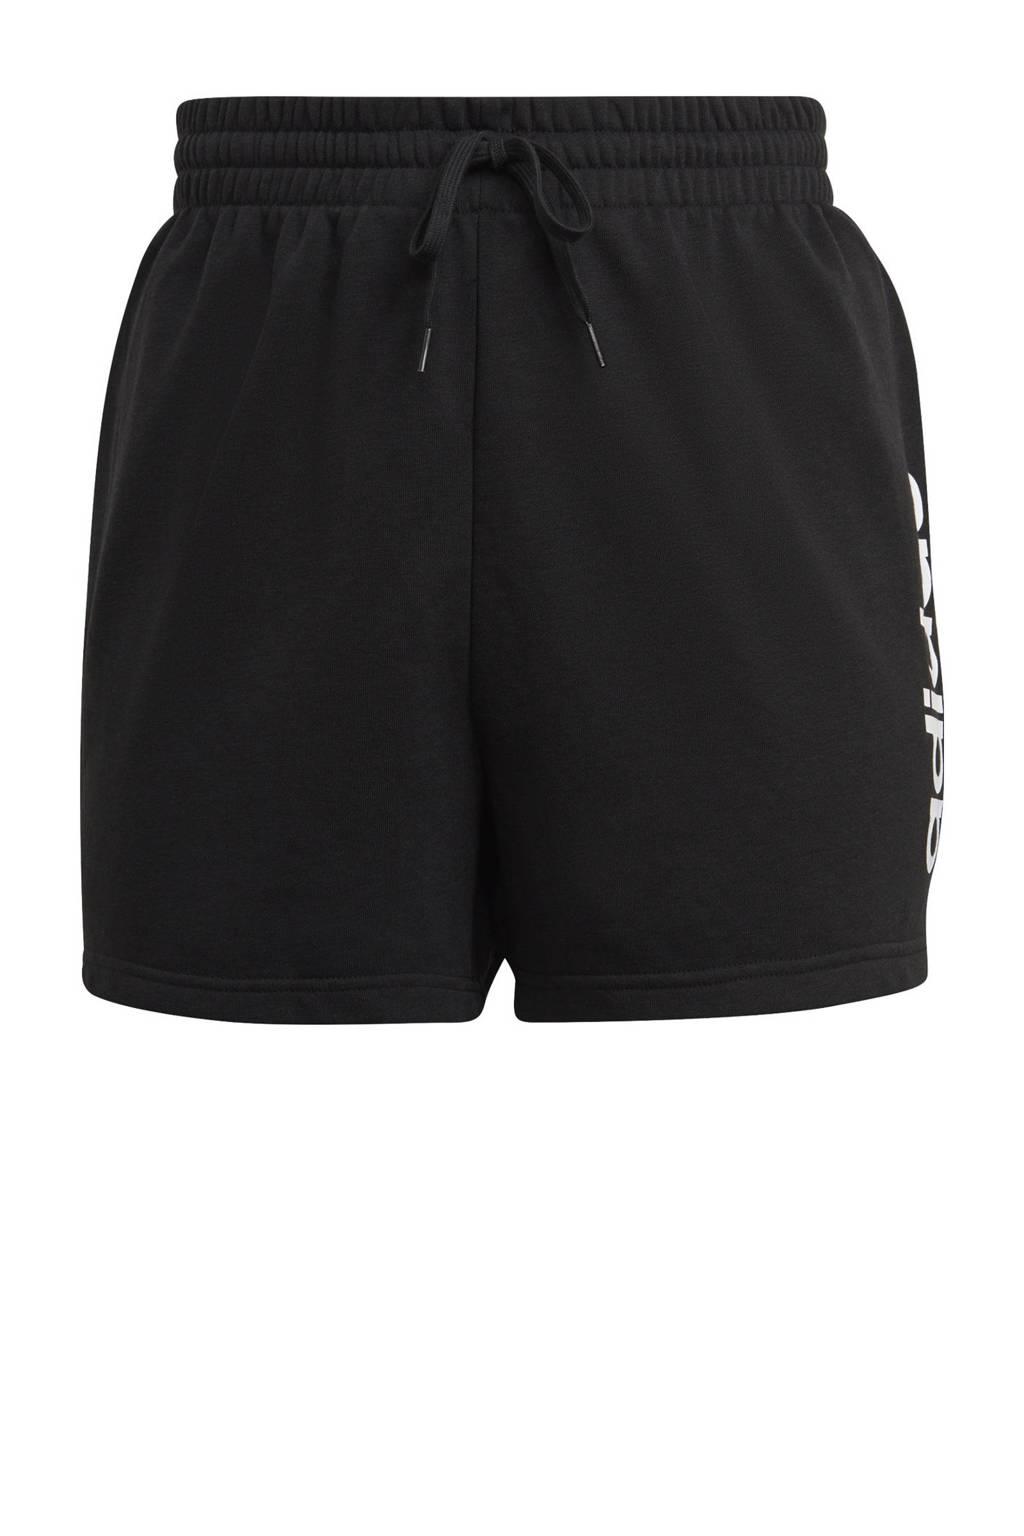 adidas Performance Plus Size sportshort zwart/wit, Zwart/wit